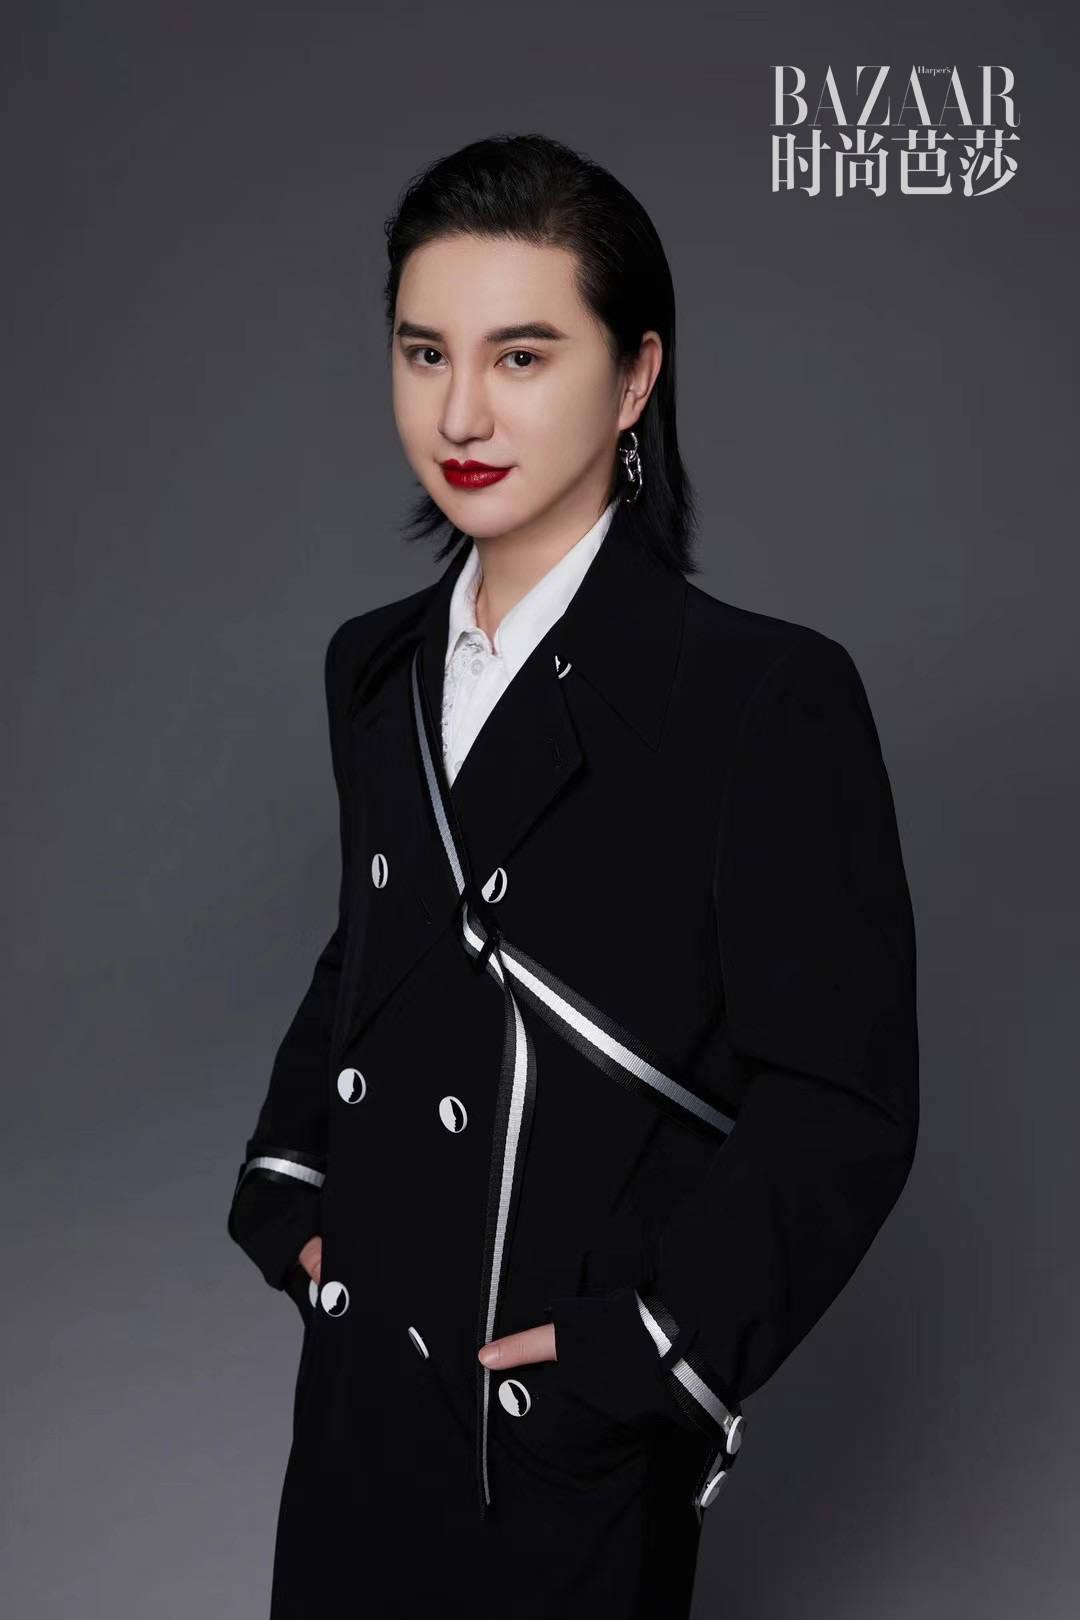 郑善方登上《时尚芭莎》杂志活氣麗品牌明星企业家破圈时尚